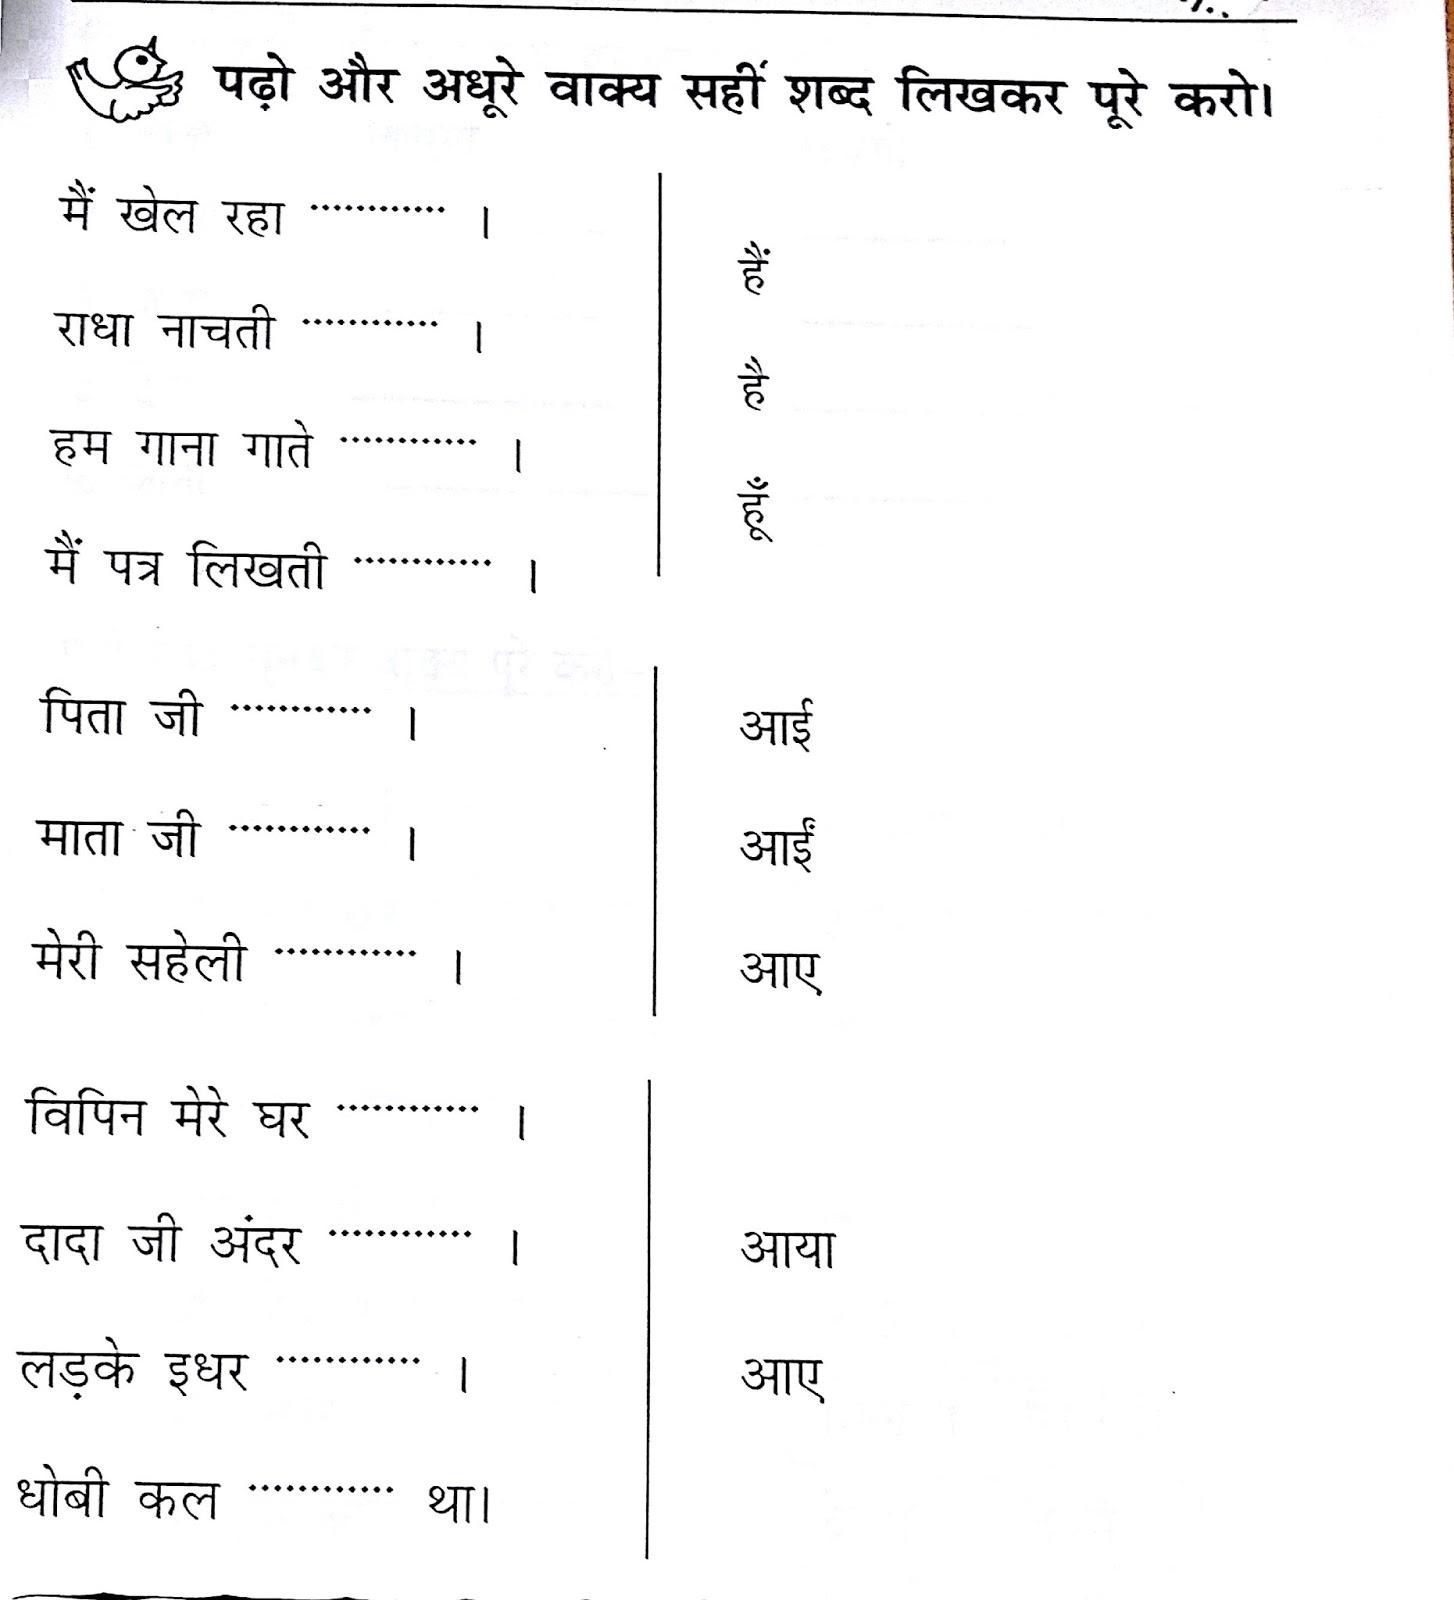 Worksheet On Kaal In Hindi